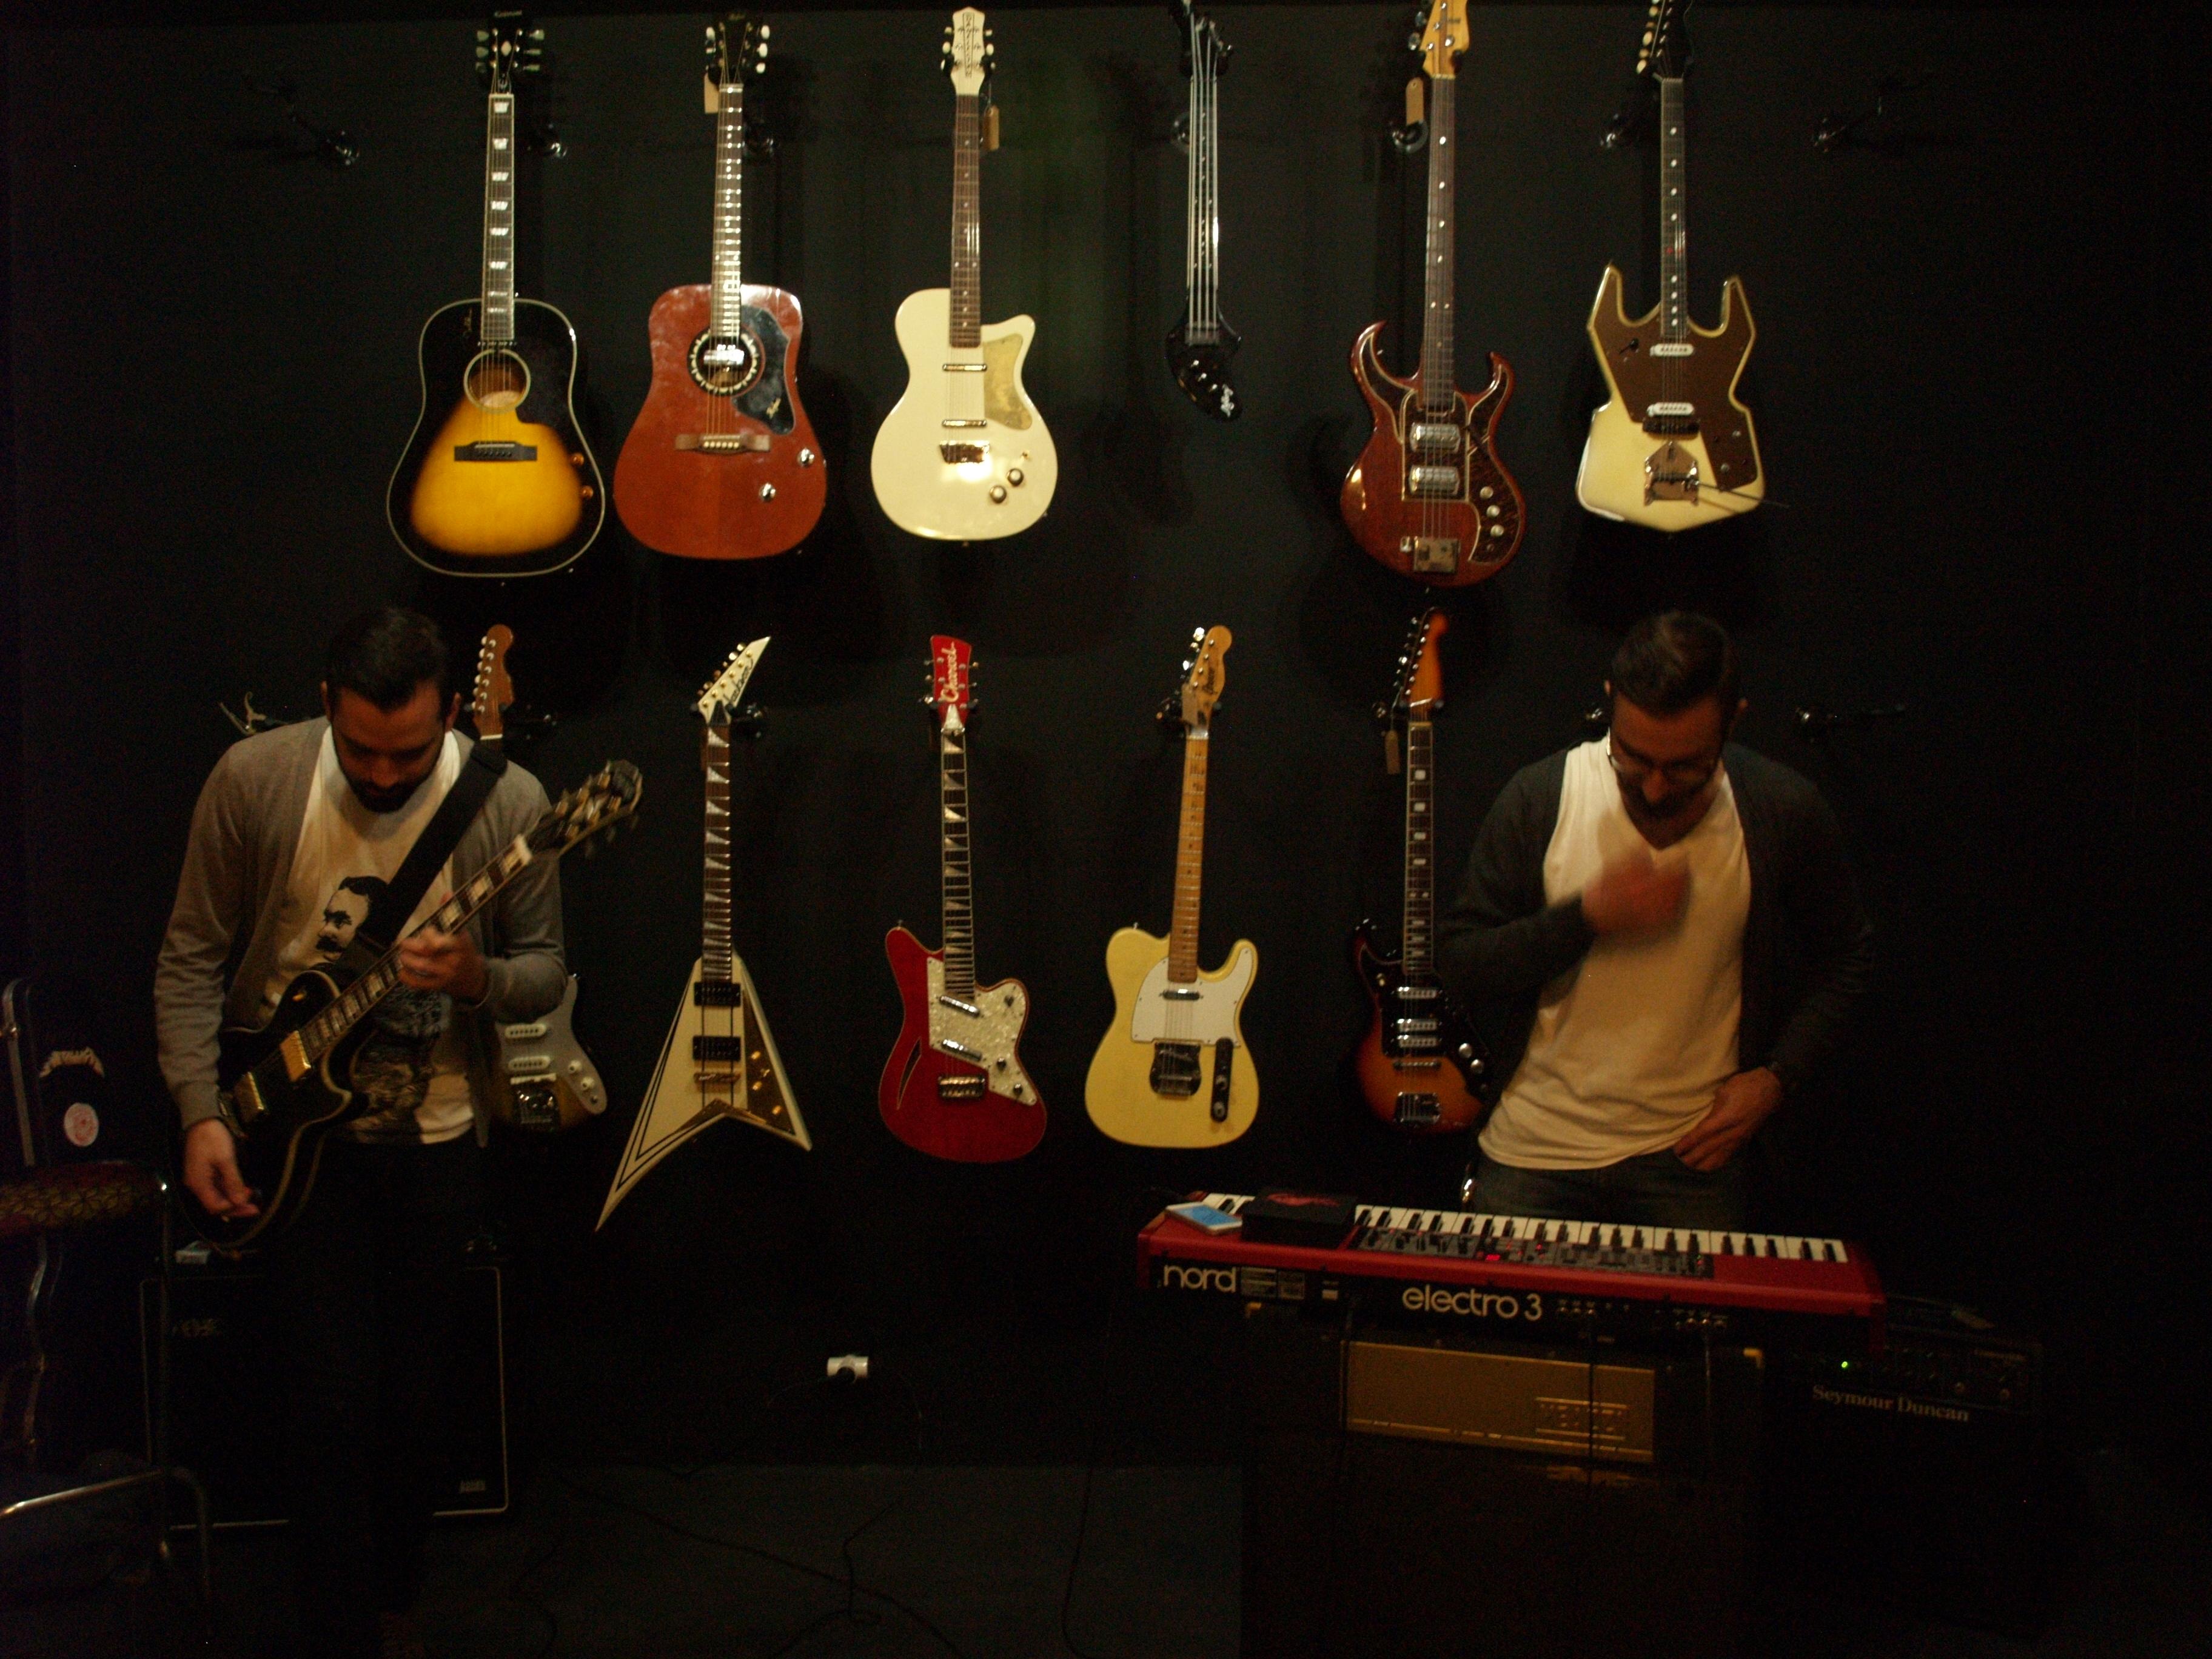 Dentro de las celebraciones de Santa Cecilia, Being Berber nos ofreció un acústico en la tienda de guitarras Headbanger Rare Guitars.De micrófonos únicamente amplificaron la guitarra de Gonzalo y el […]